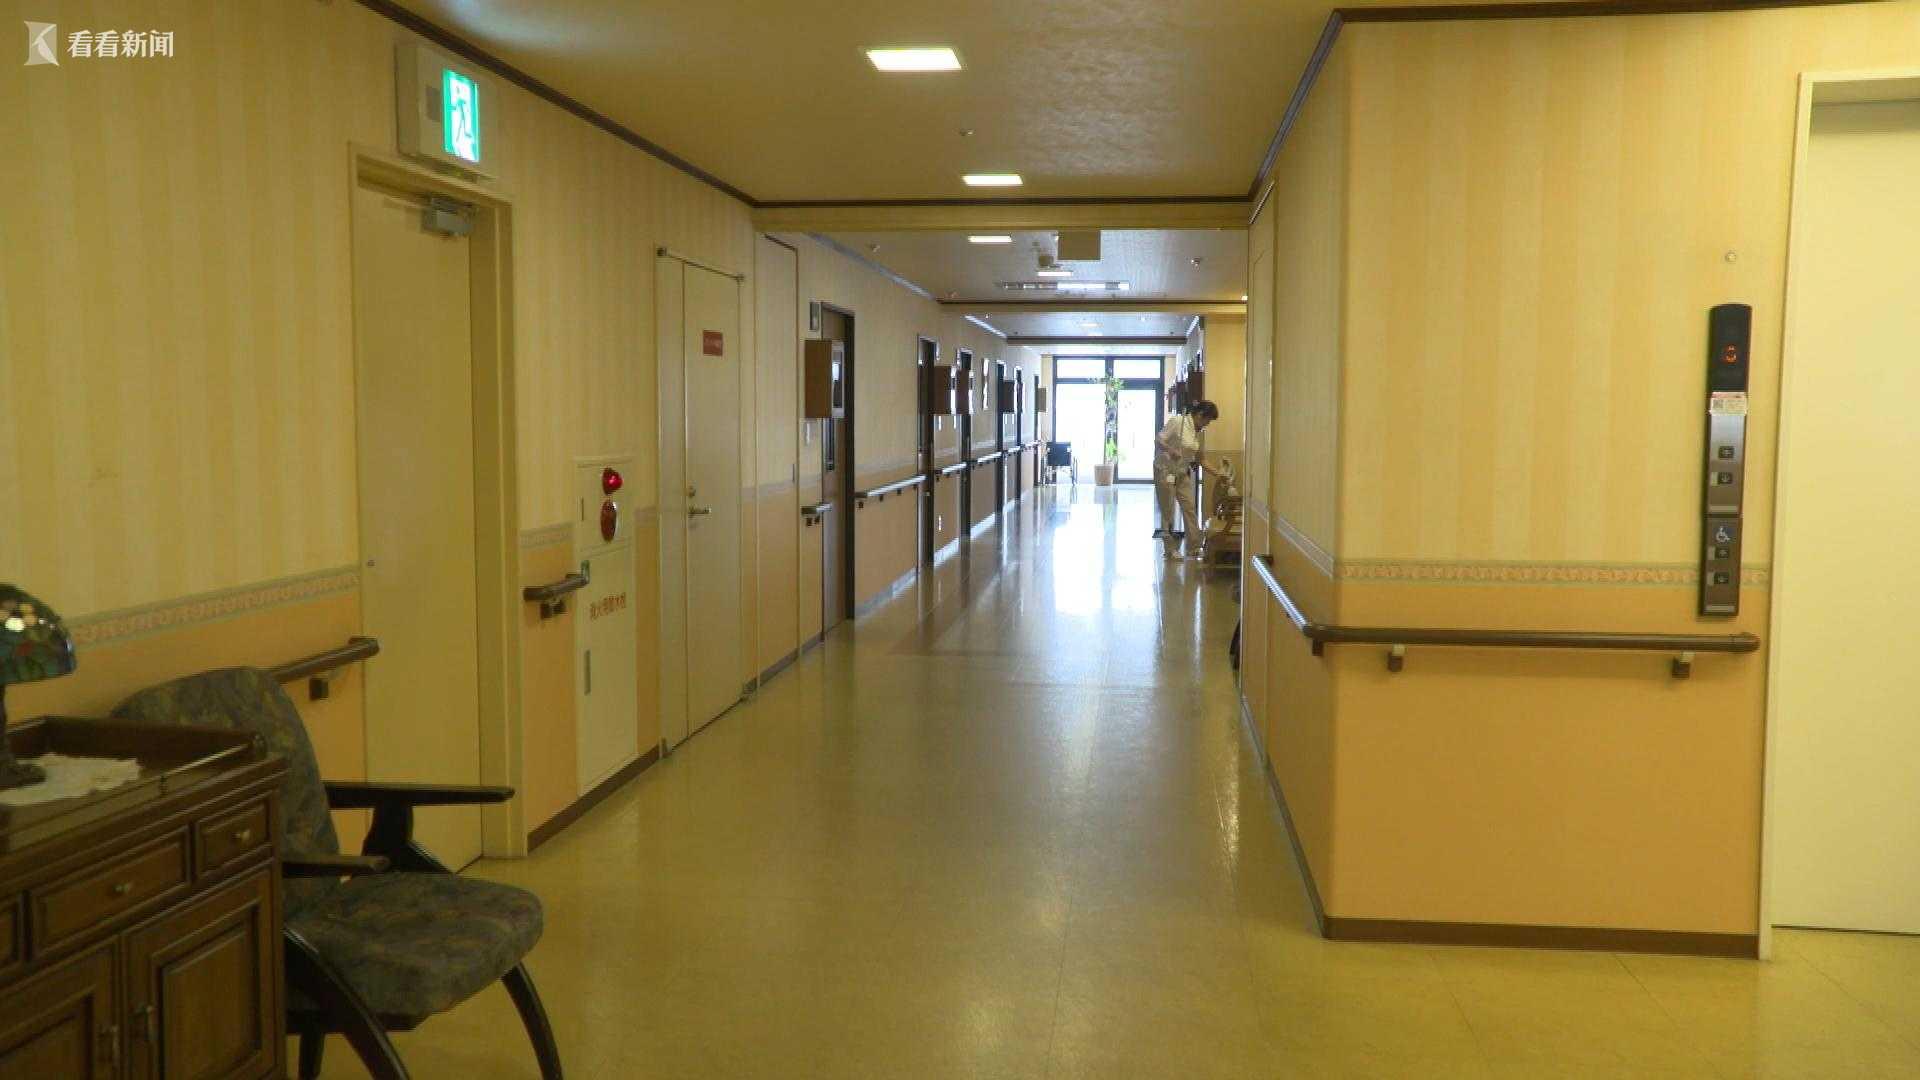 日本养老院2.Sub.02.jpg